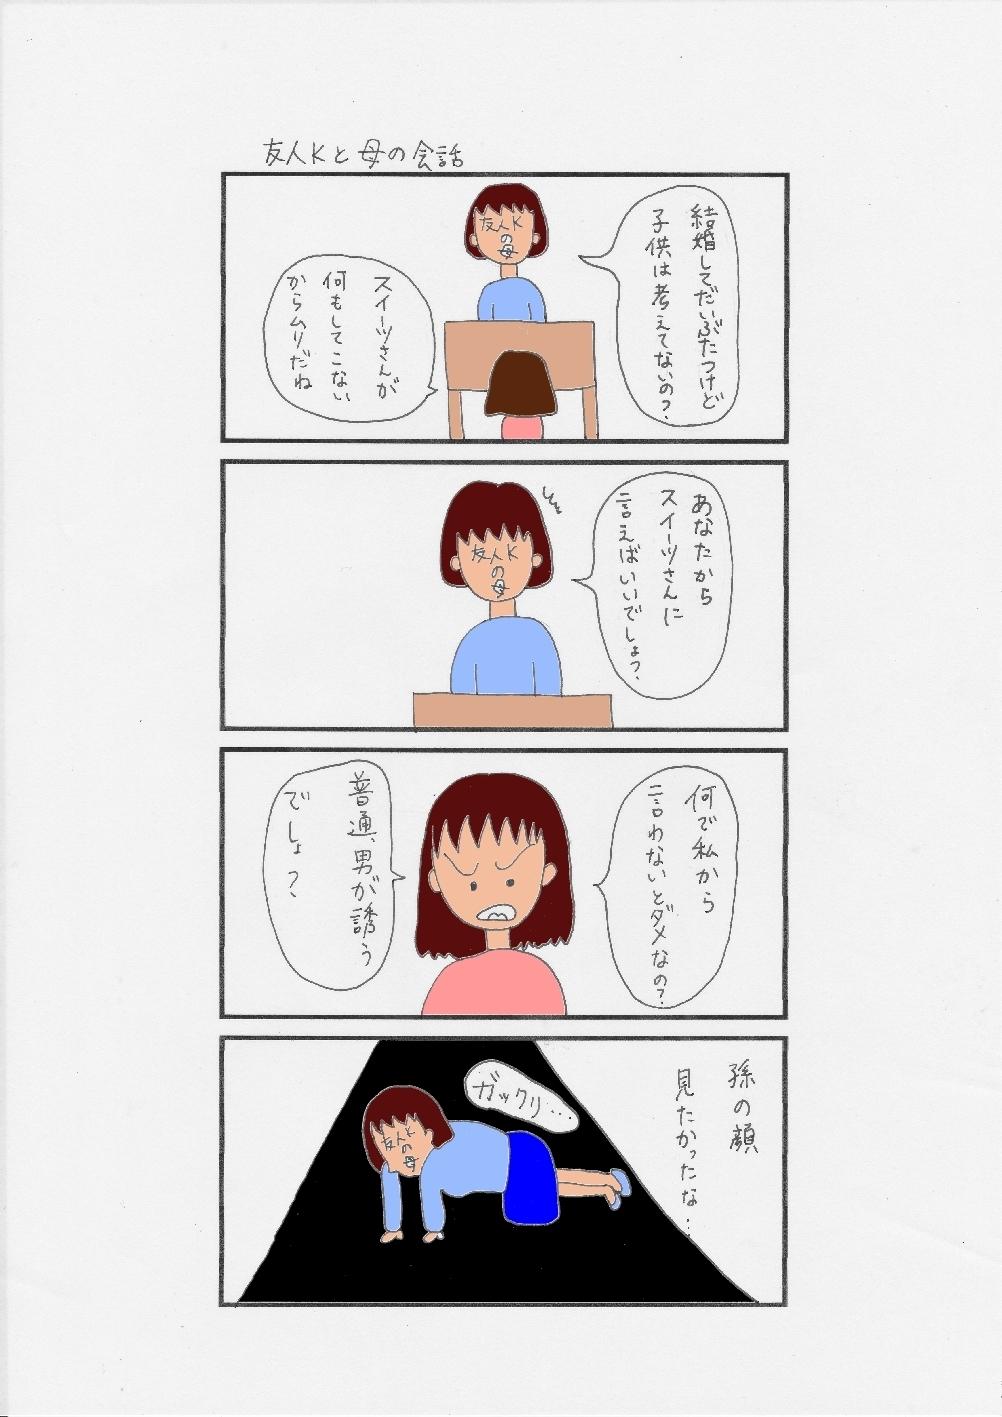 友人と母の会話.jpg